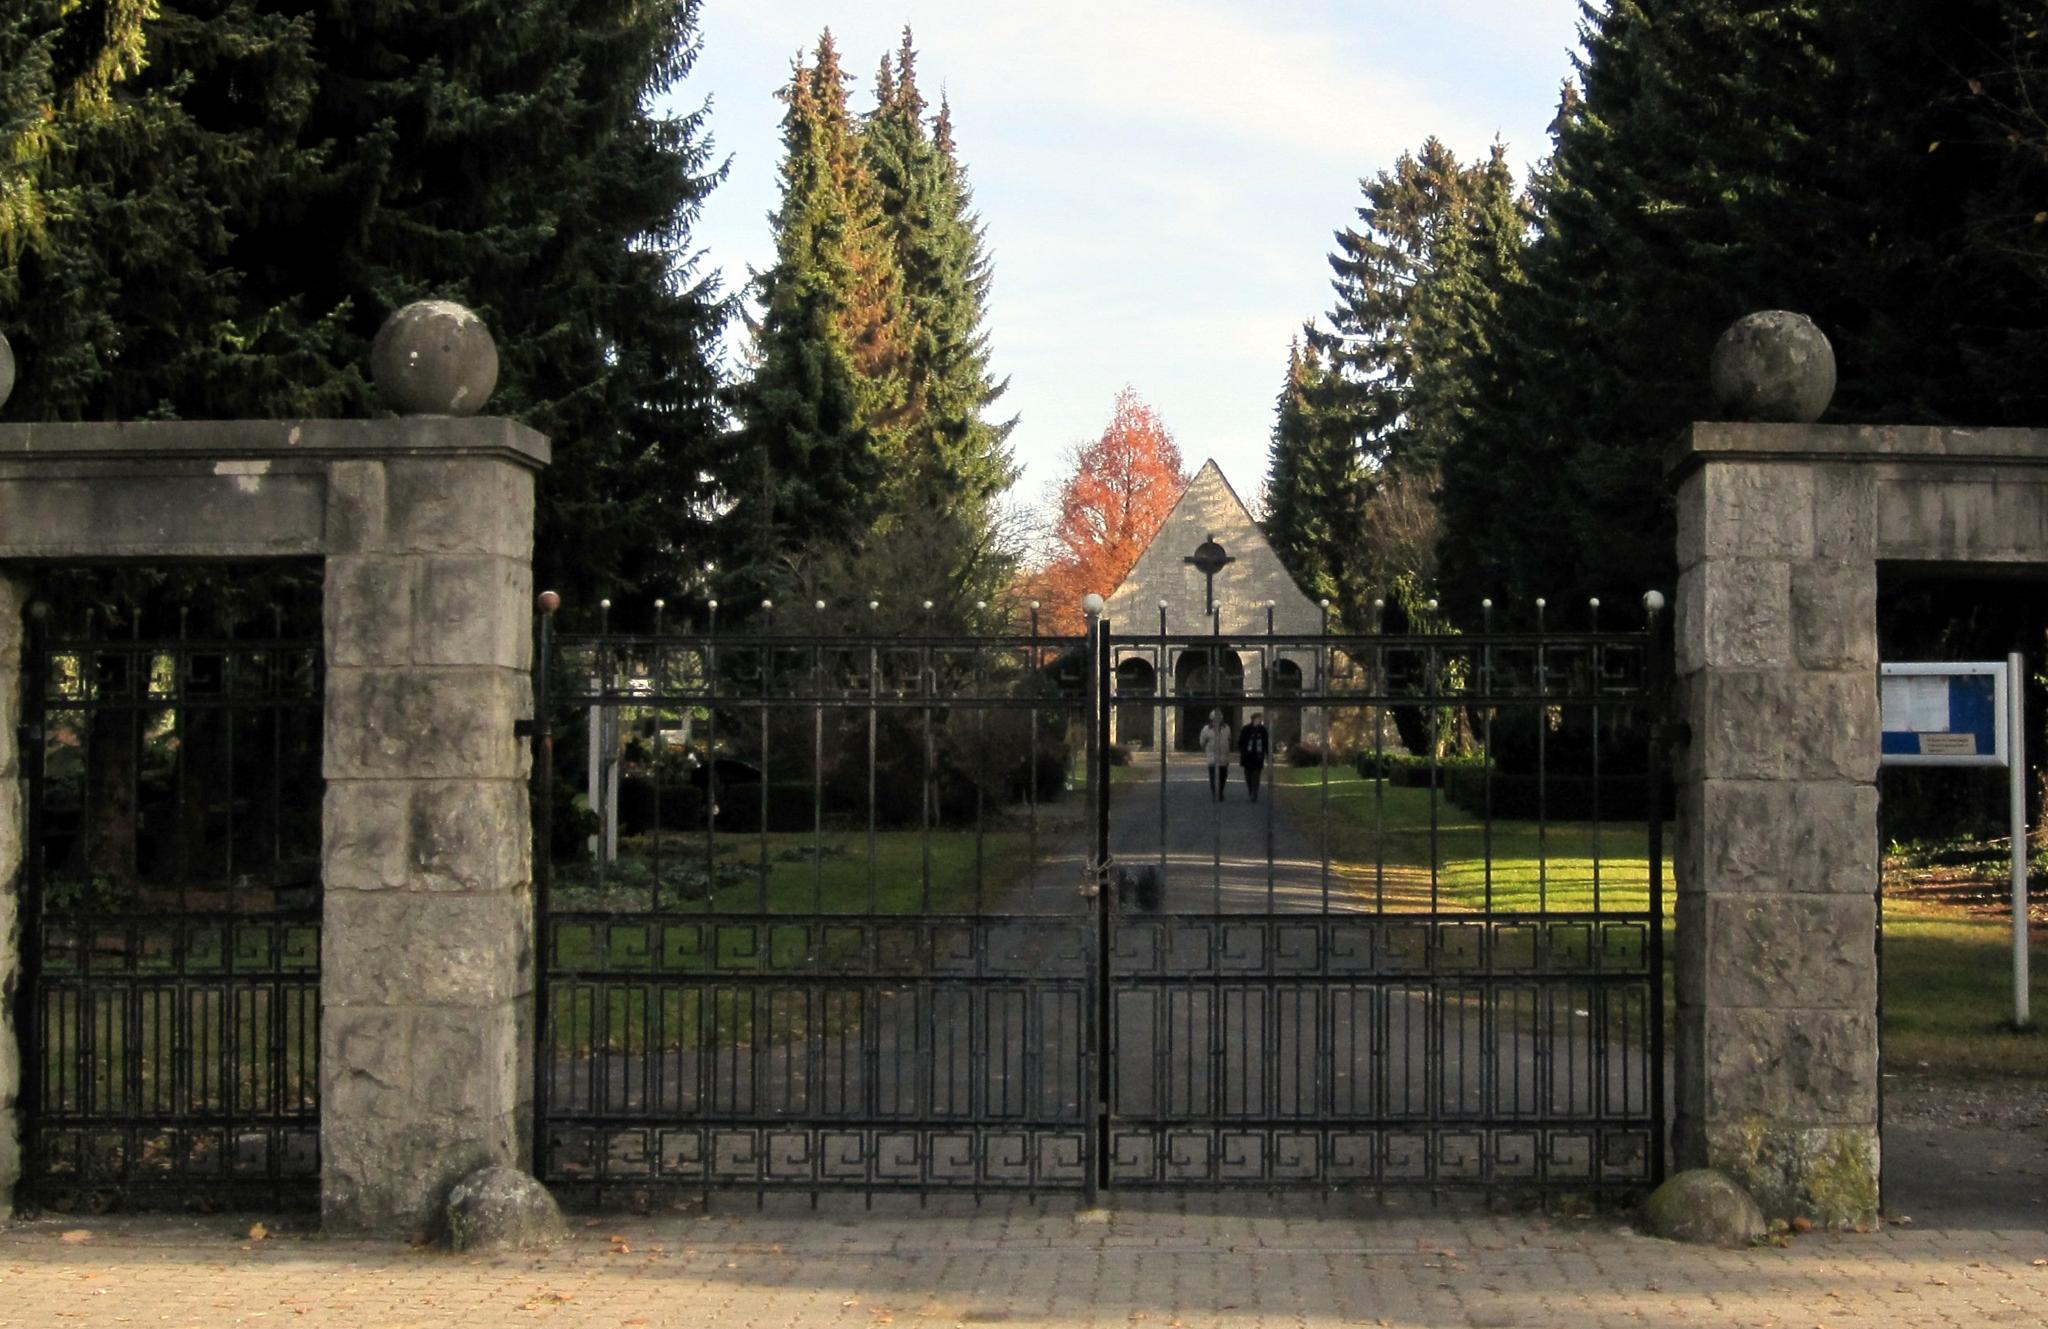 Friedhof2011-15a-Friedhof1974-01-Haupteingang